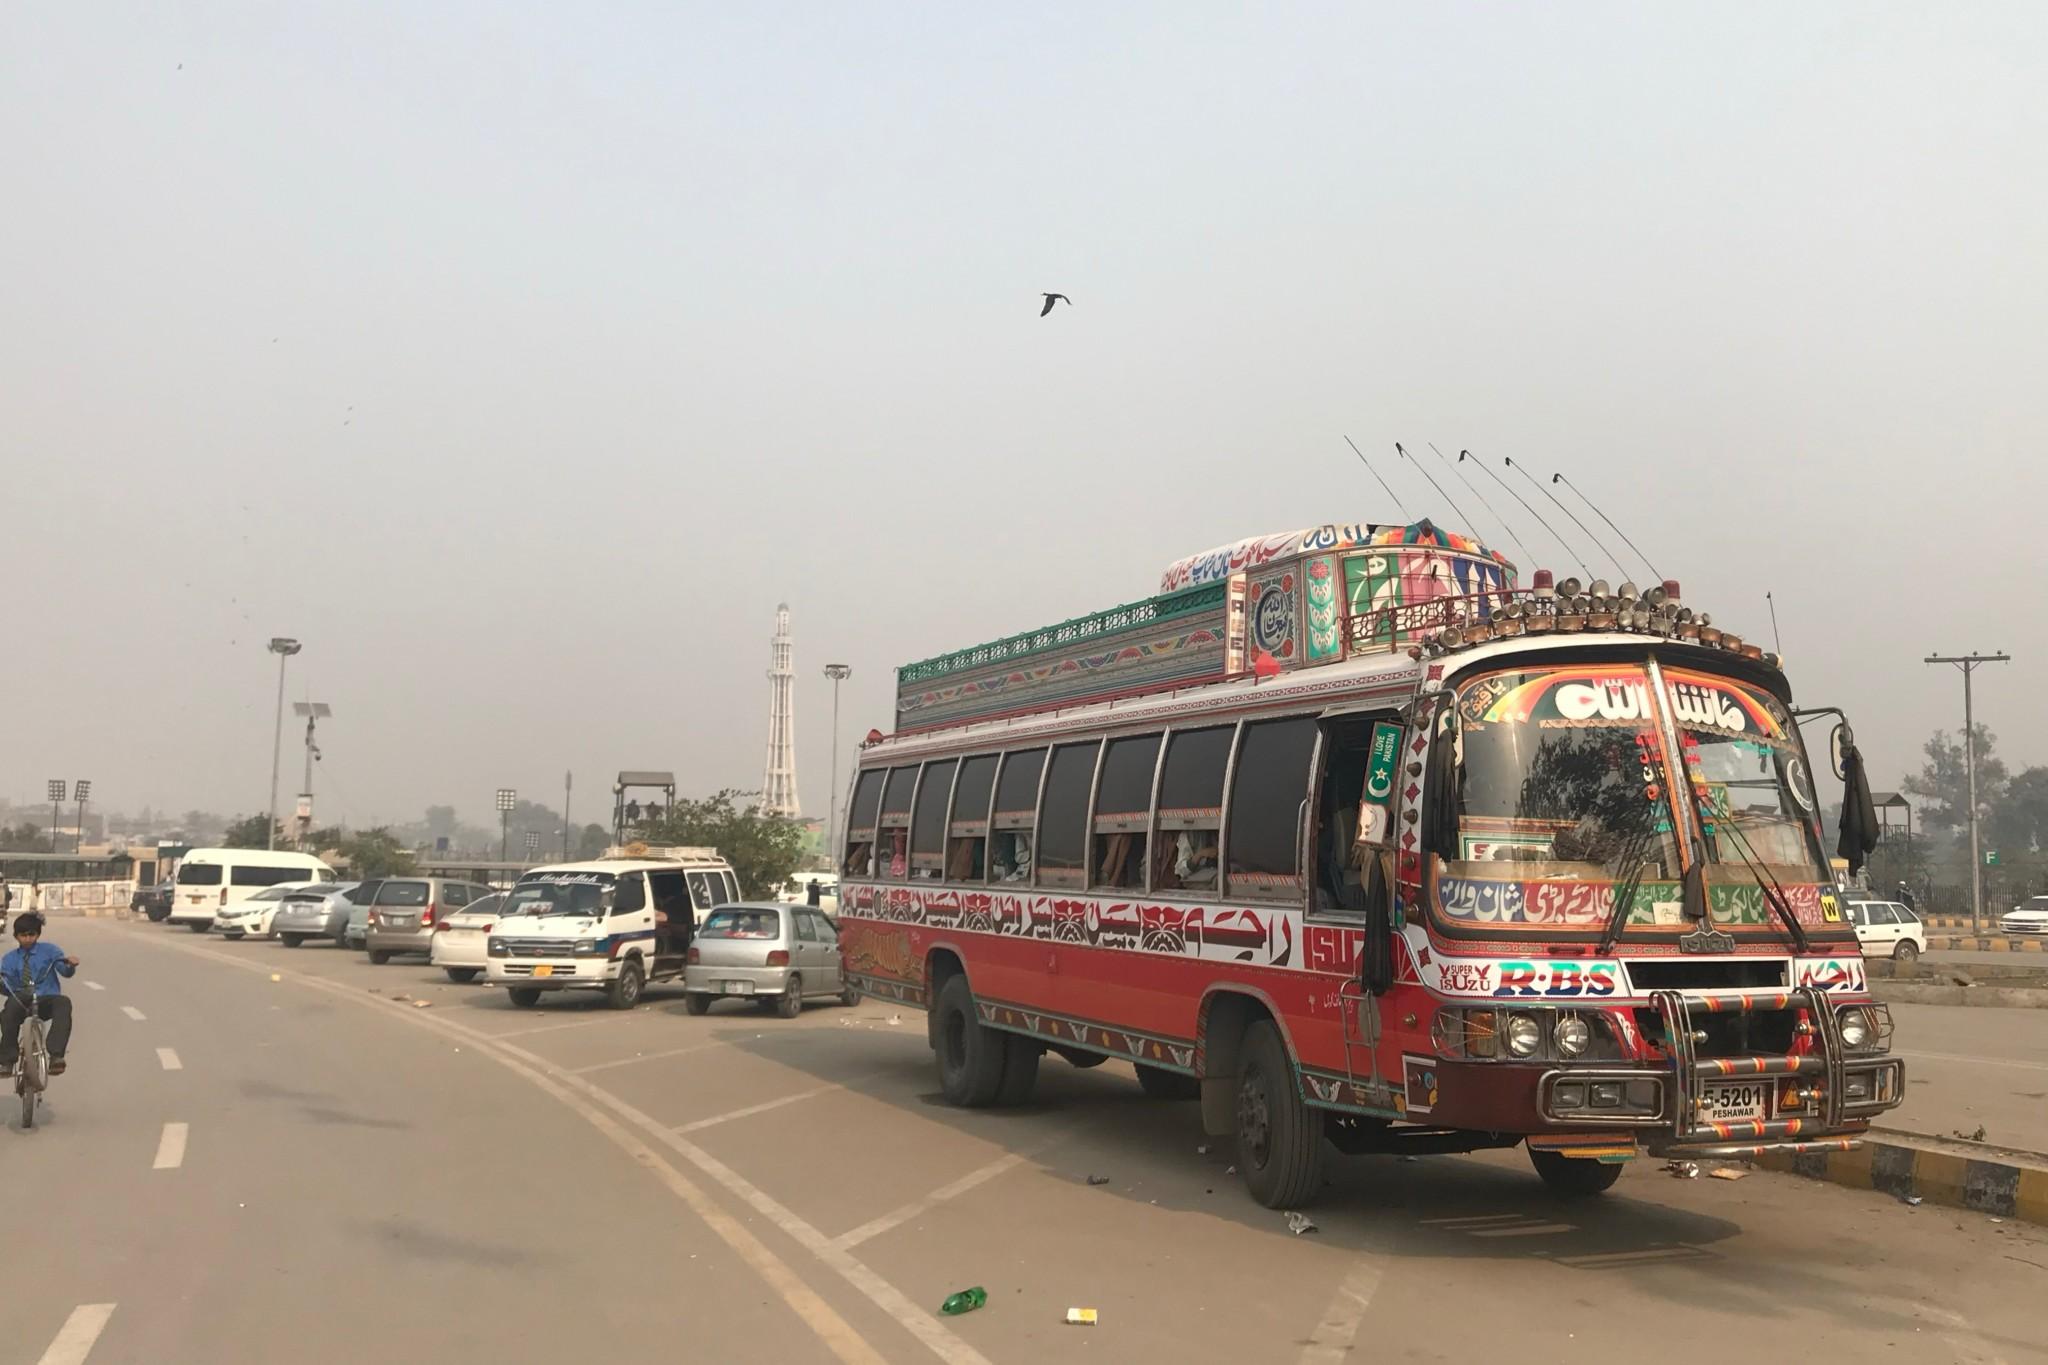 Mit dem Bus kann man durch die Stadt fahren